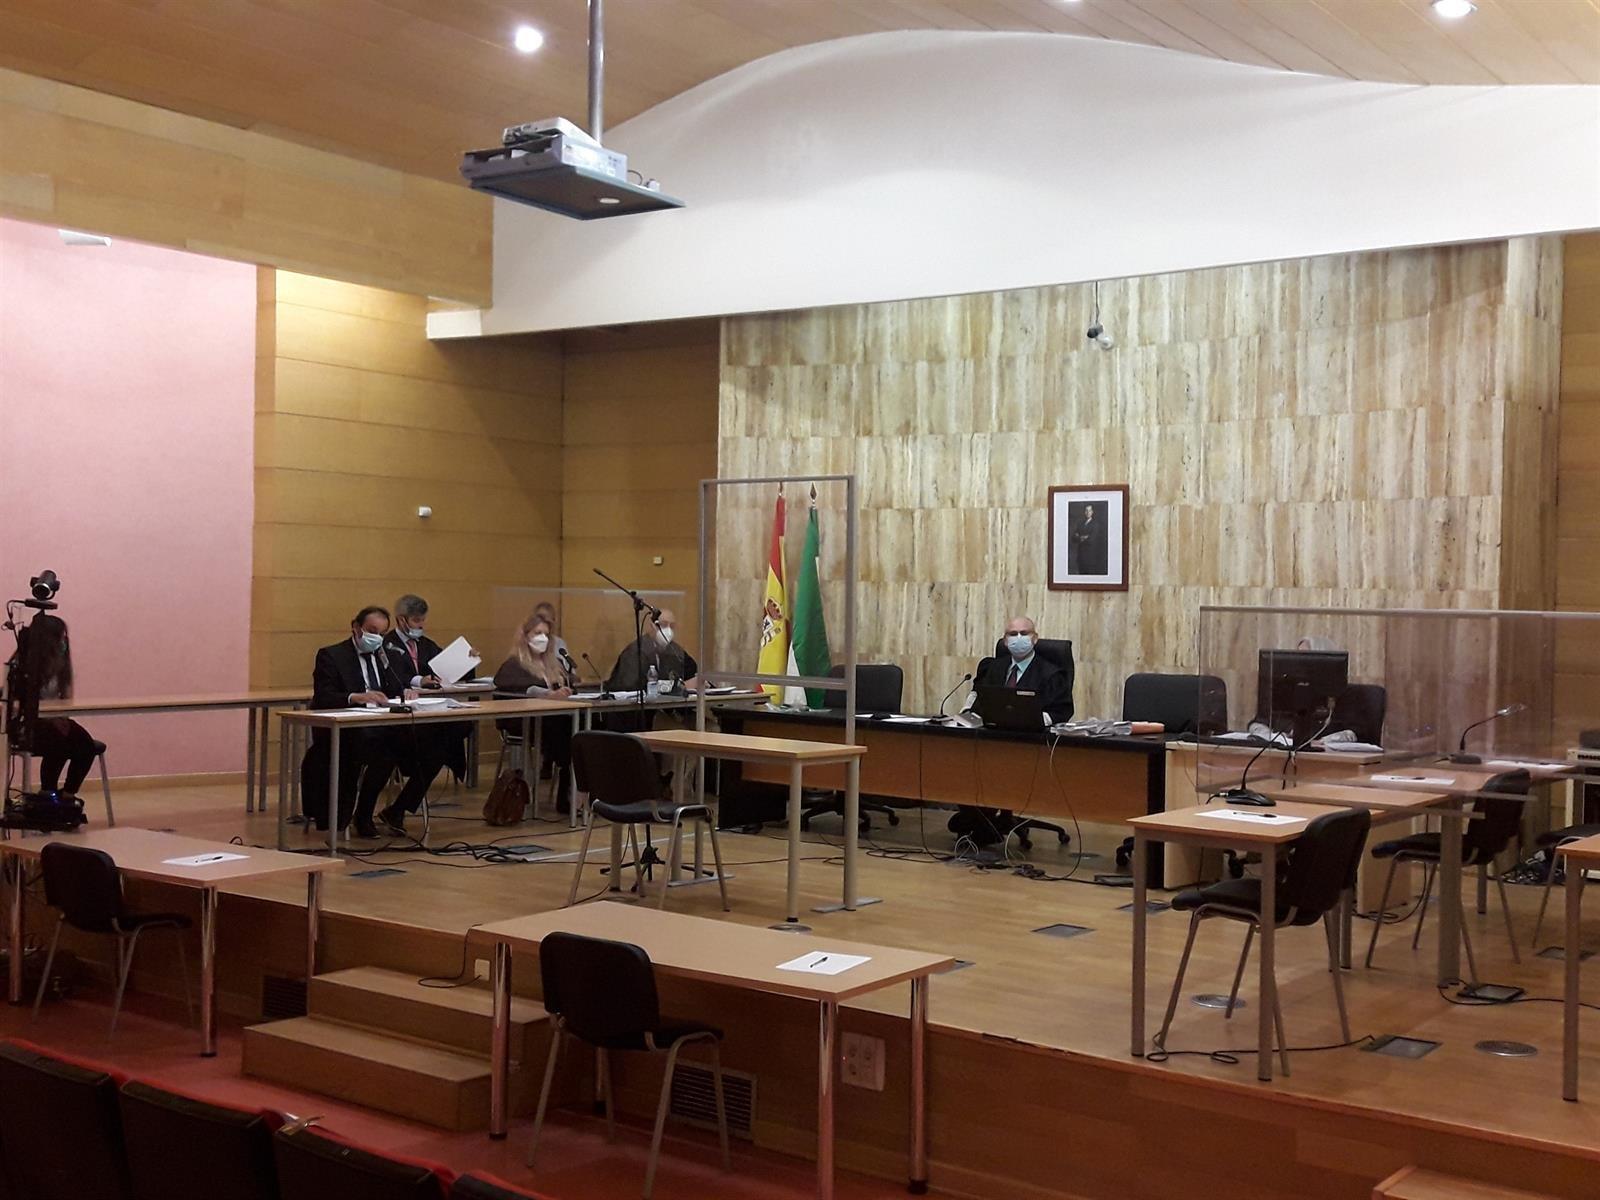 Condenada a 25 años de cárcel la madre del bebé hallado en el vertedero de Alhendín